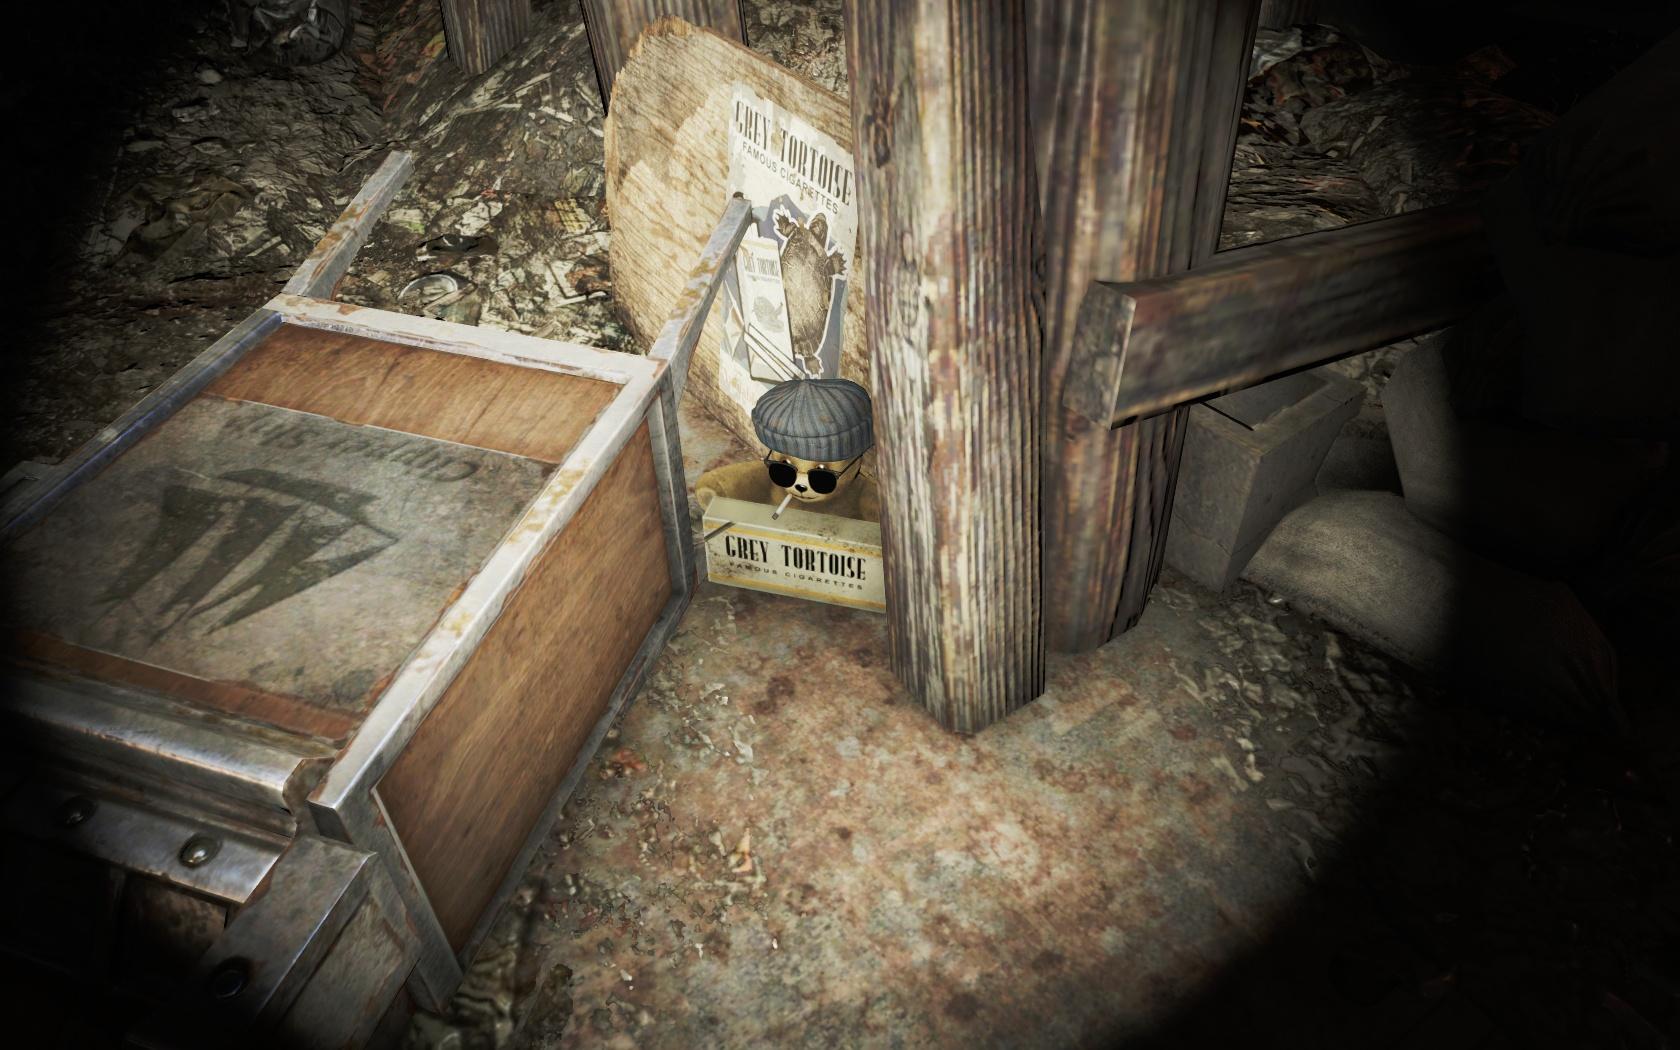 Ништяковый мишка (Спутниковая антенна базы Форт-Хаген) - Fallout 4 антенна, Спутниковая антенна базы Форт-Хаген, Форт-Хаген